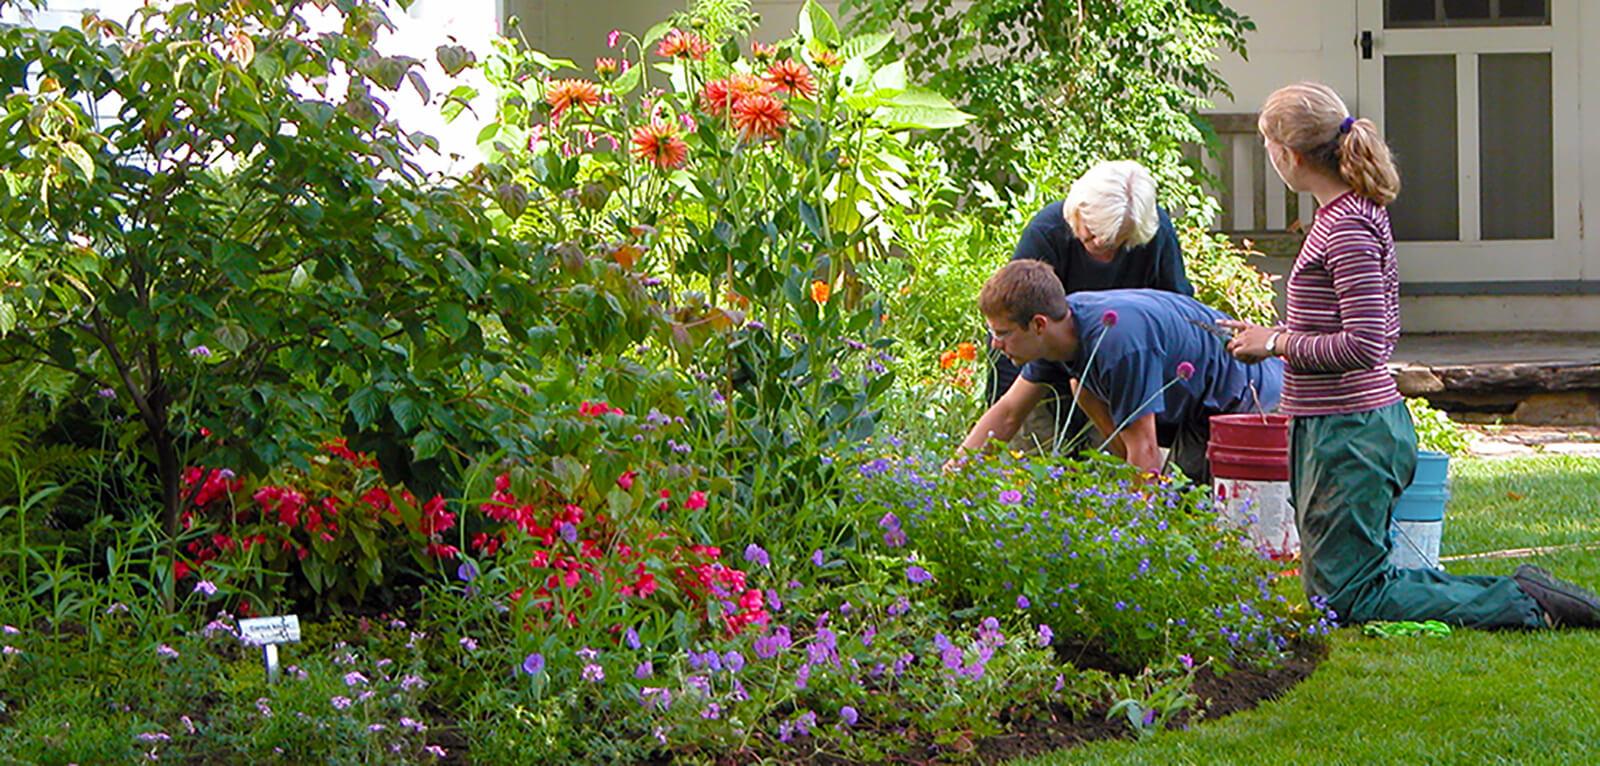 GardenerMainEdited.jpg